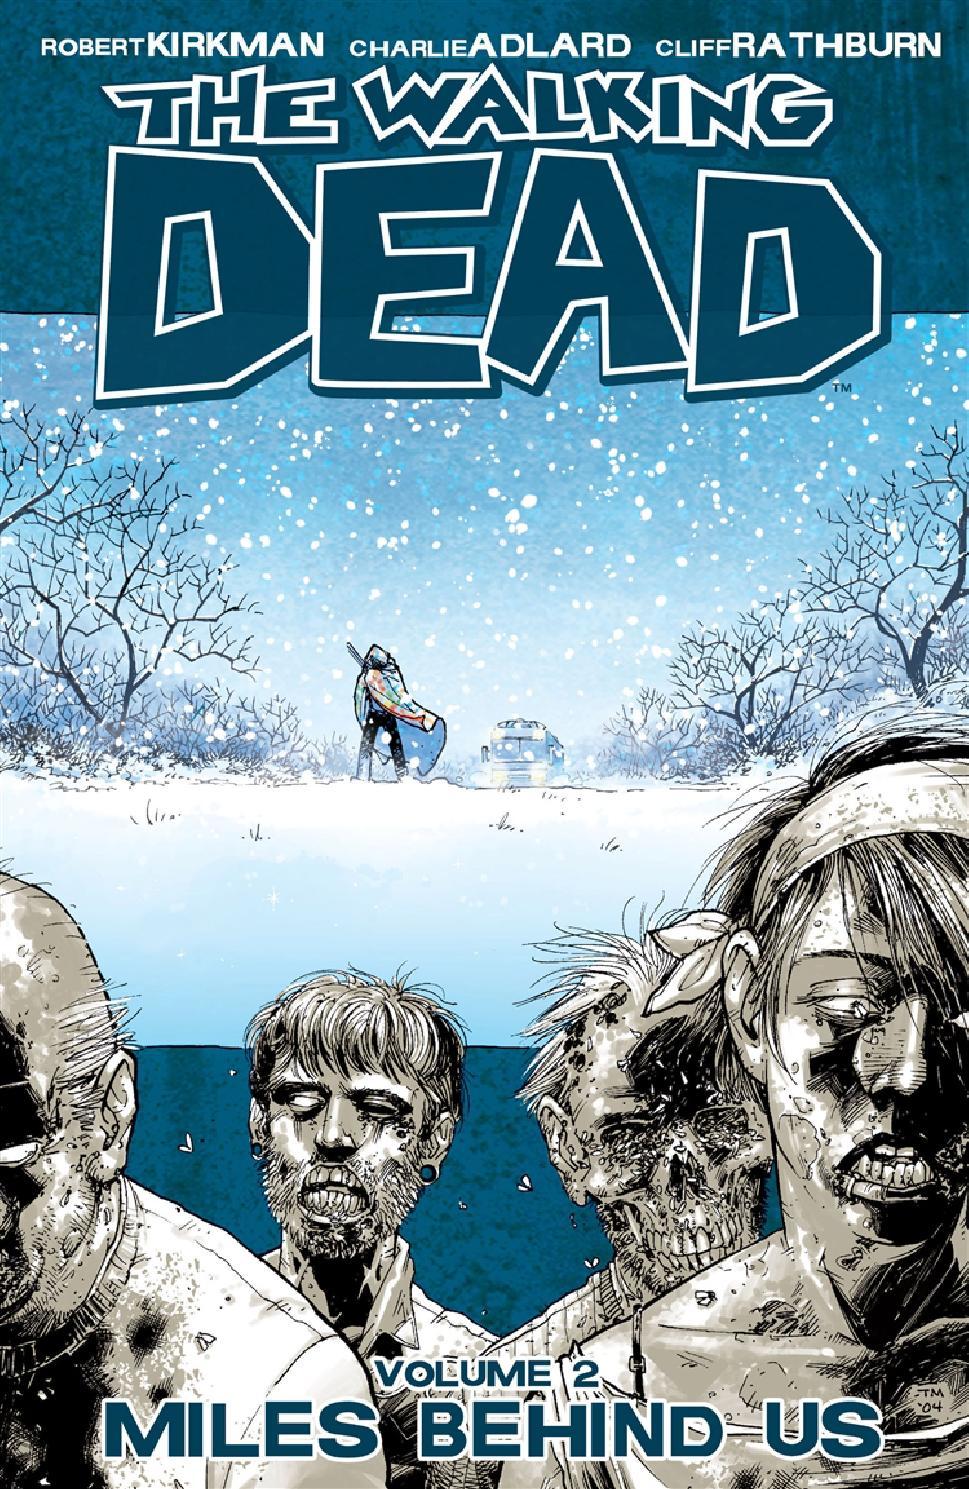 The Walking Dead volume 2 - Miles Behind Us